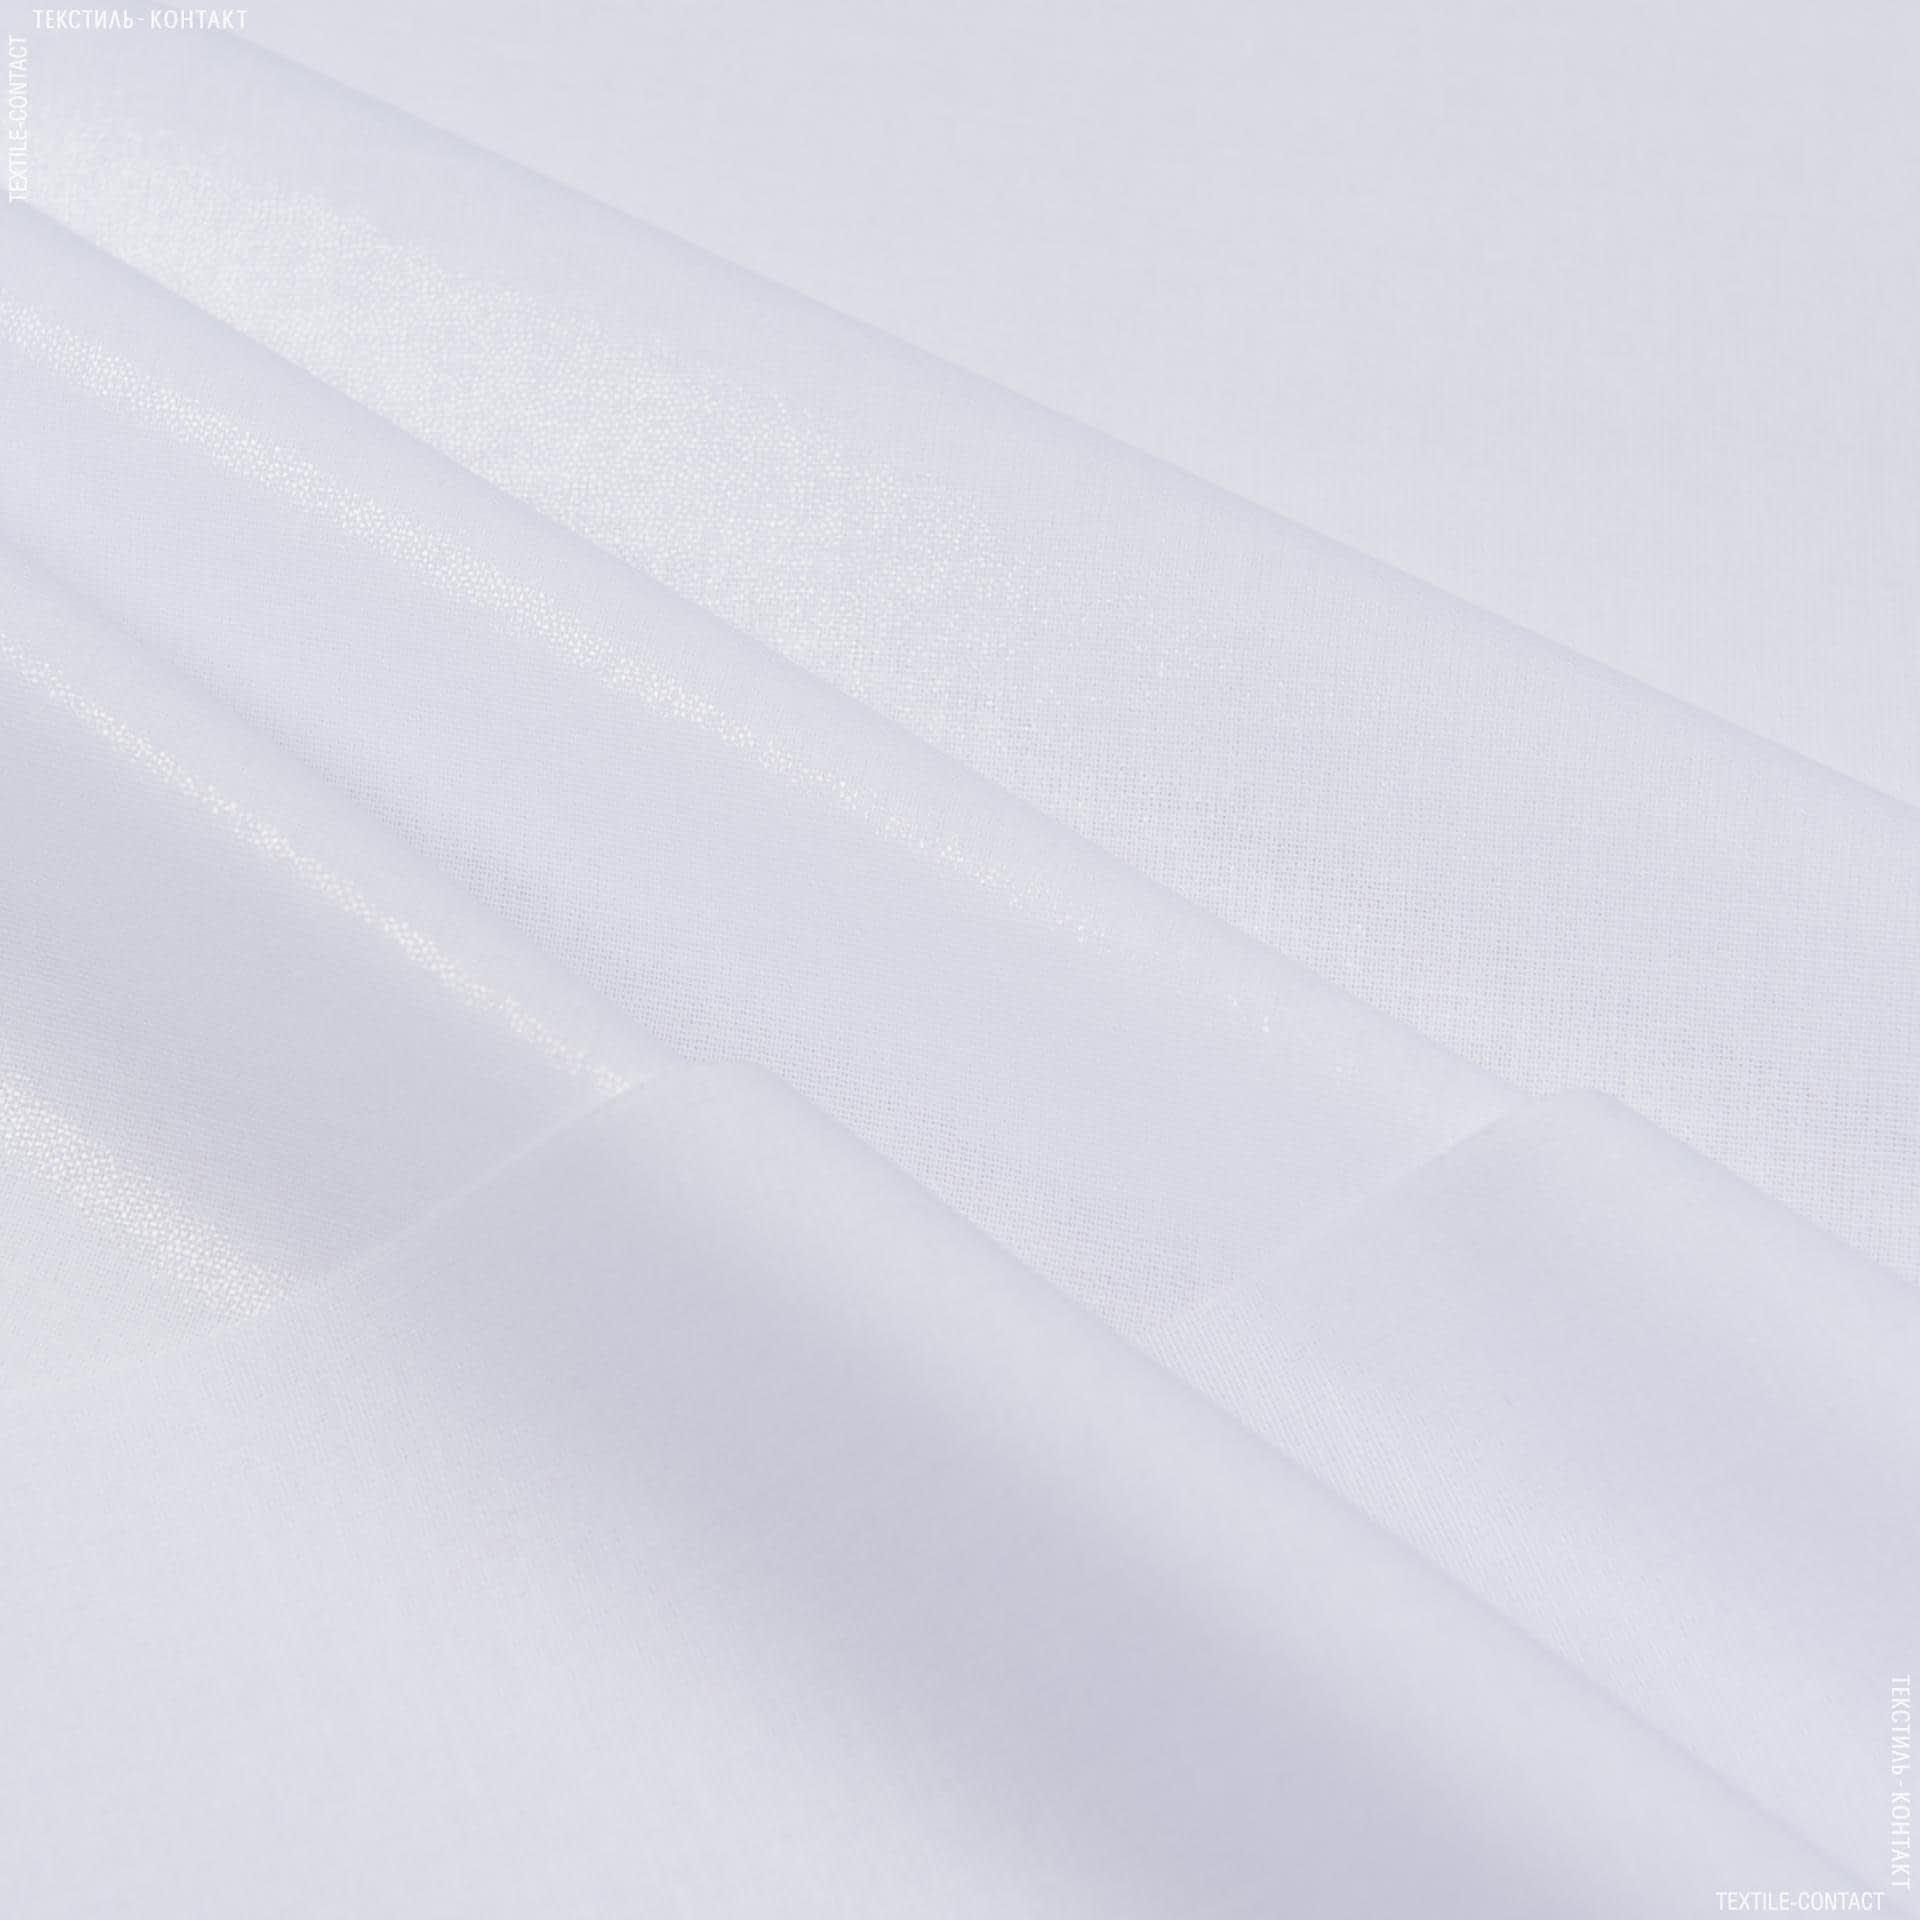 Тканини дублірин, флізелін - Бязь клейова білий 112г/м